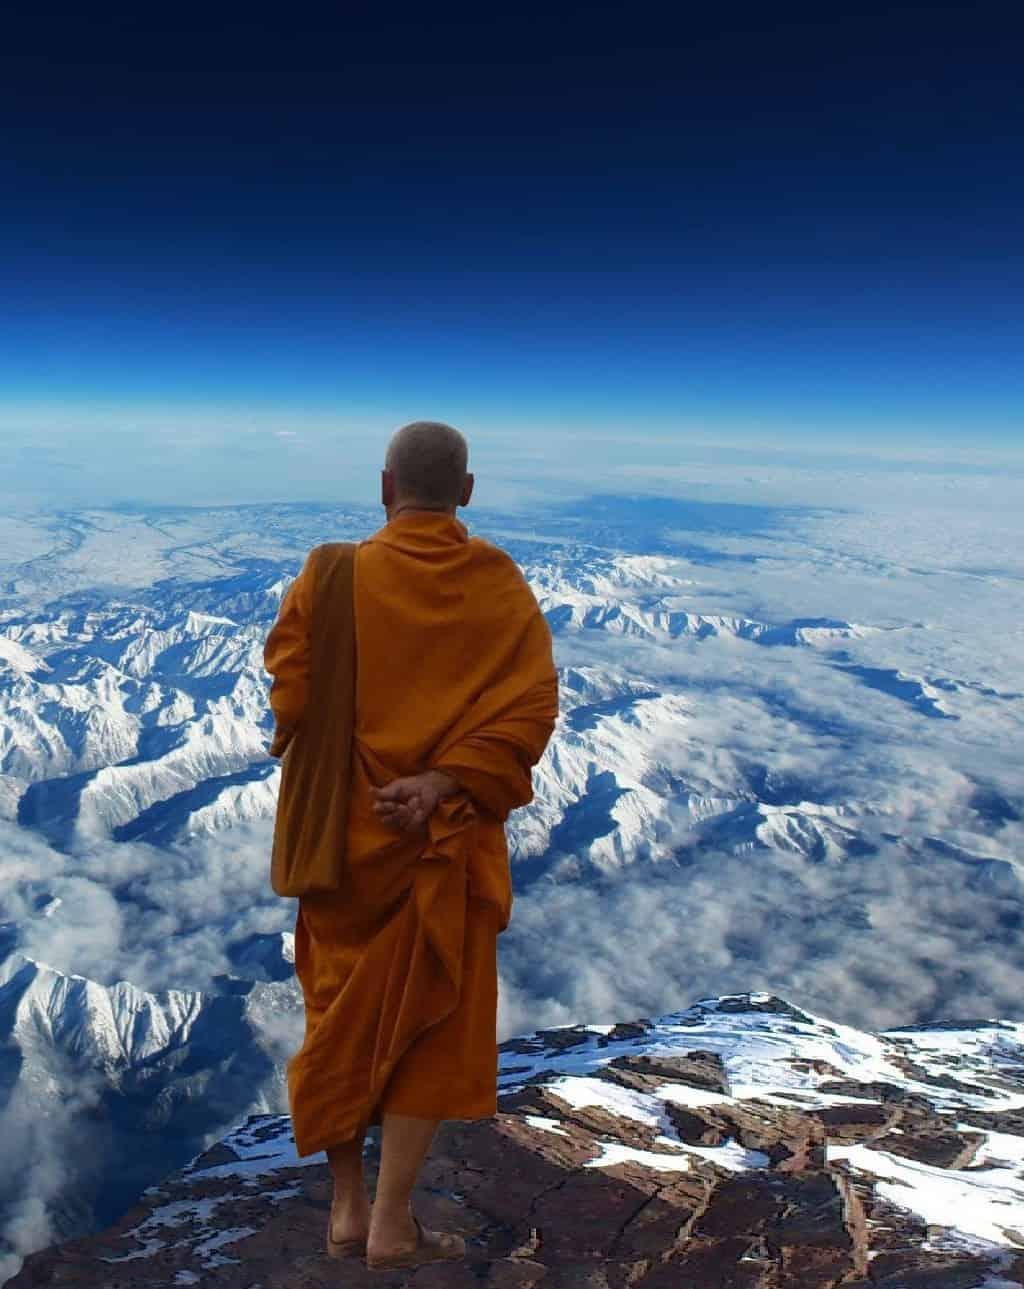 Ein Mönch auf einem Berg